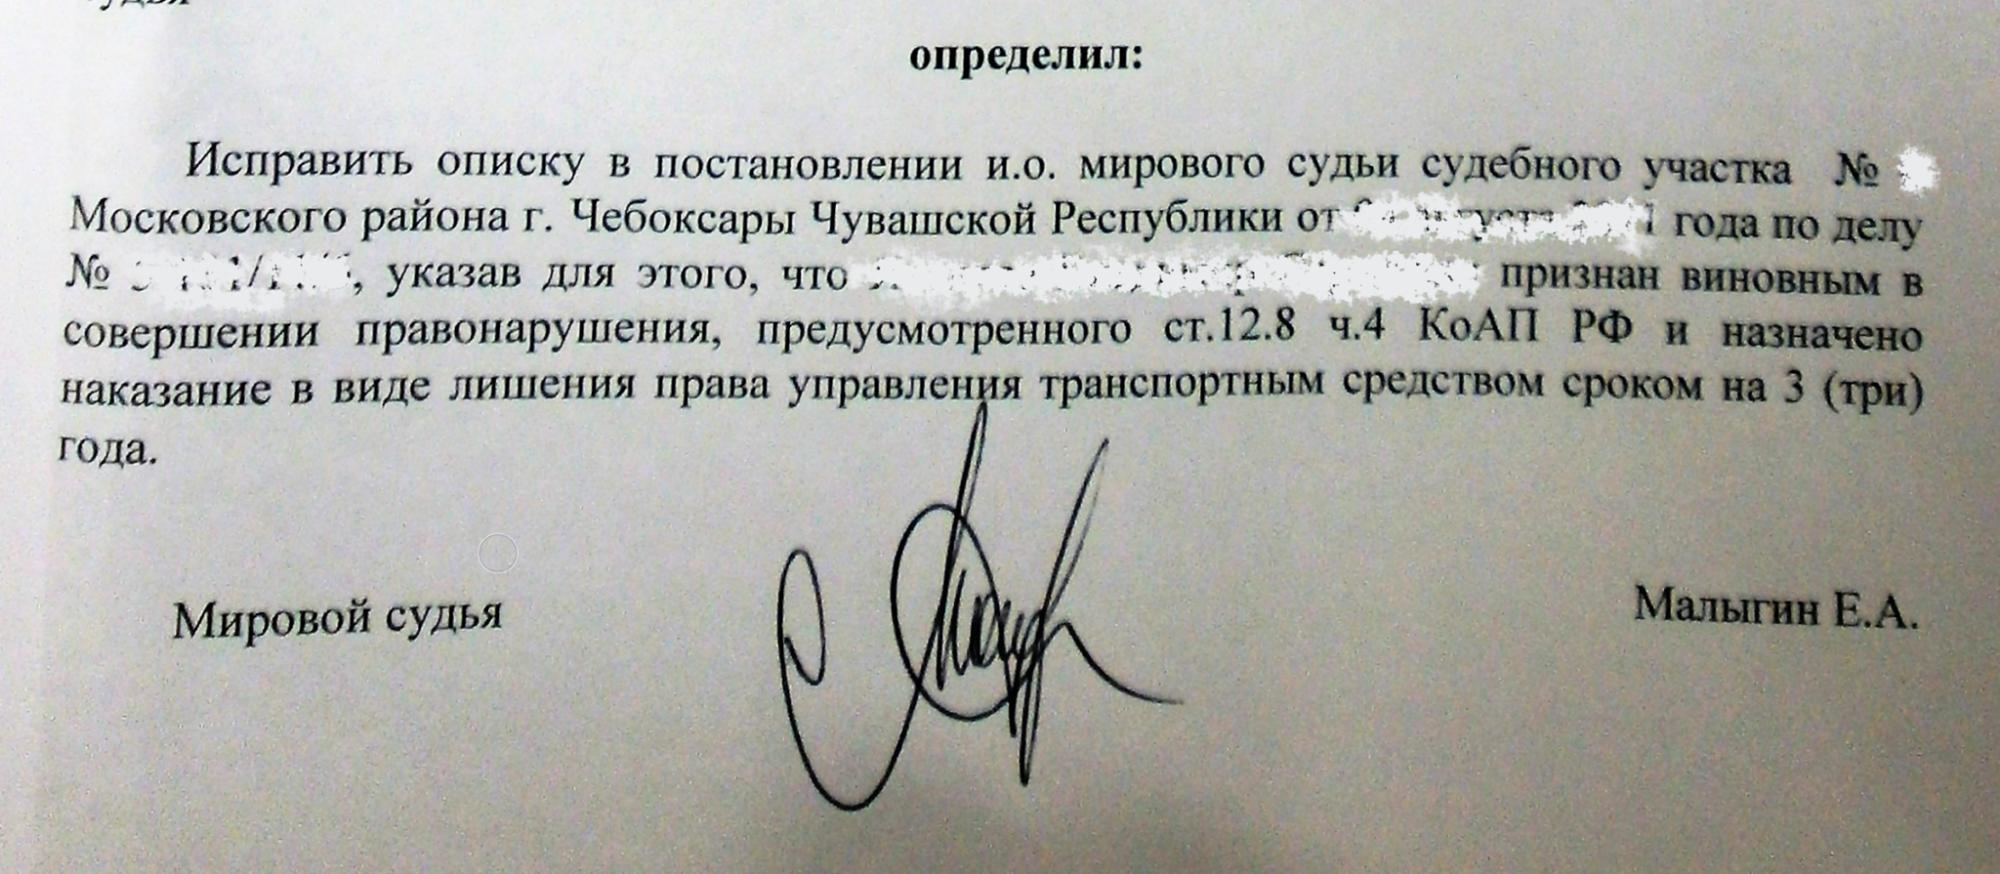 исправление описки в постановлении КоАП